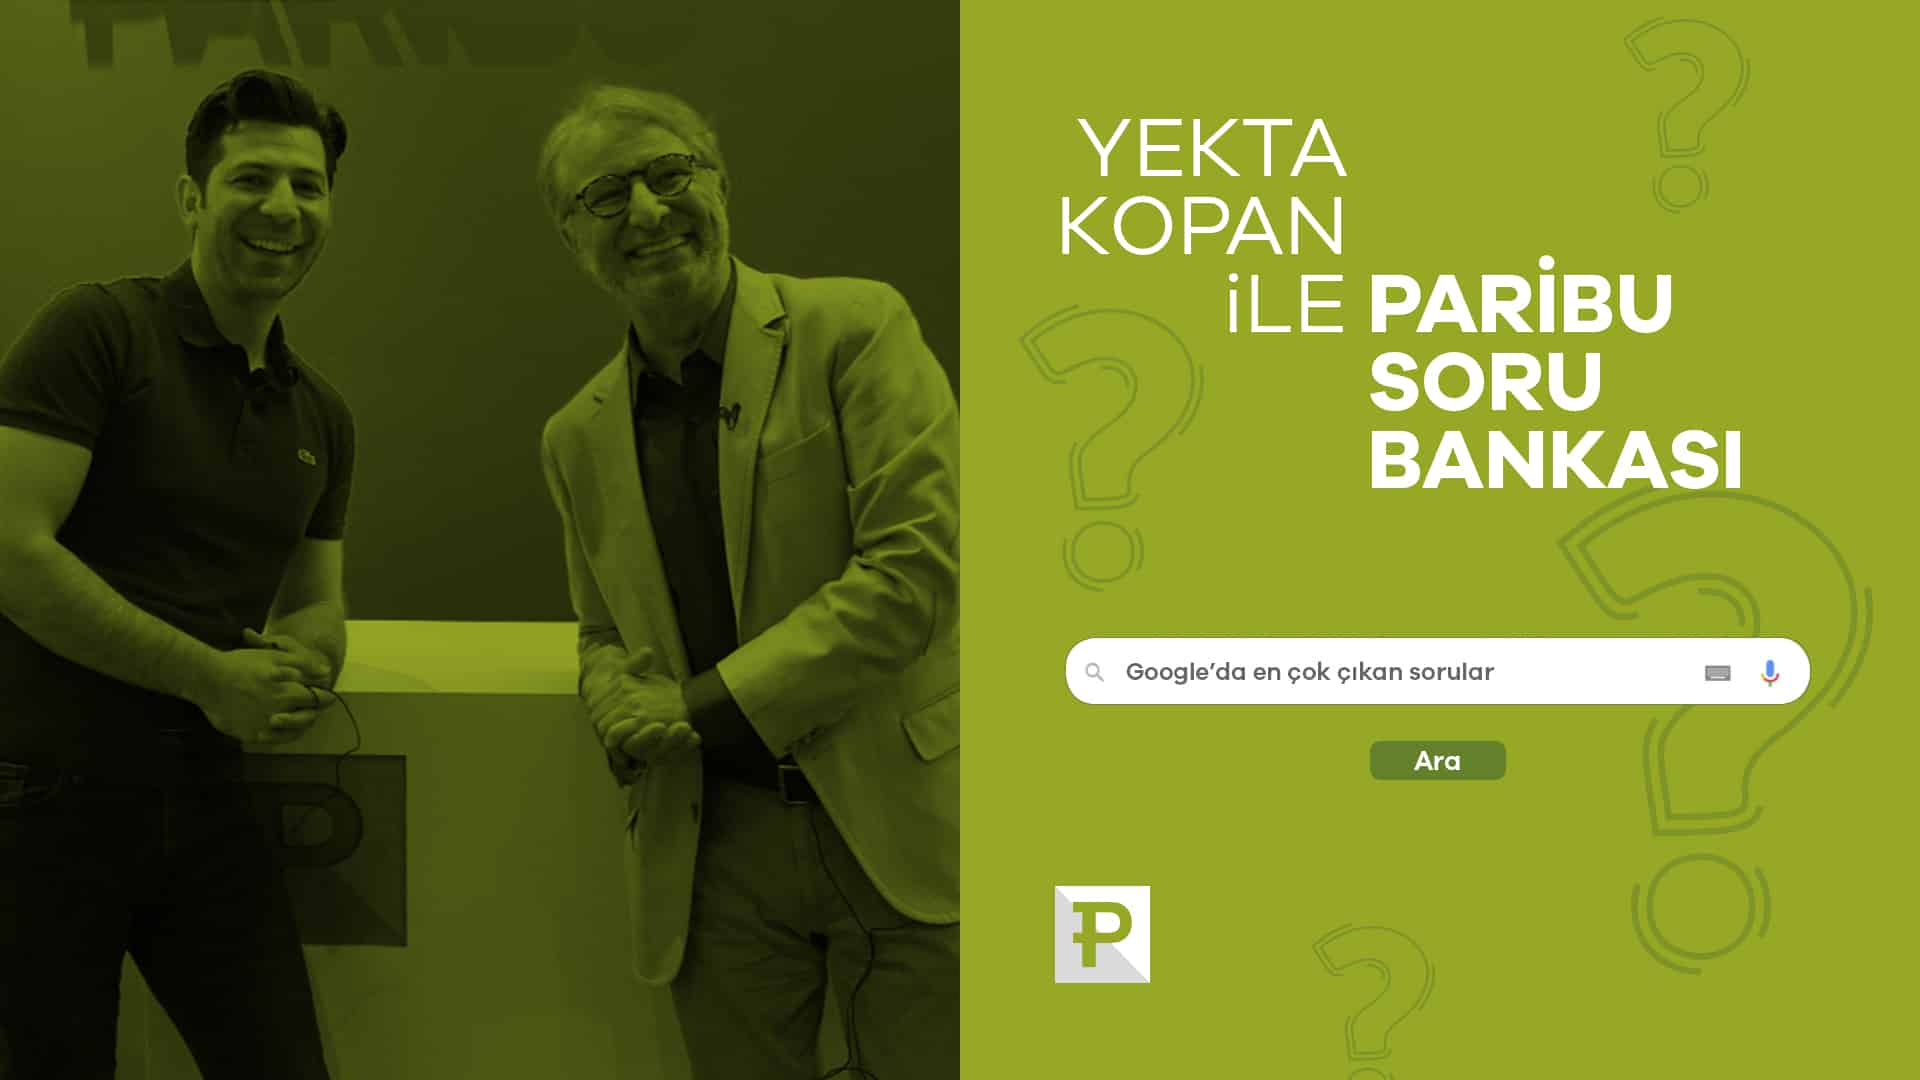 Yekta Kopan_Paribu_Gorsel_